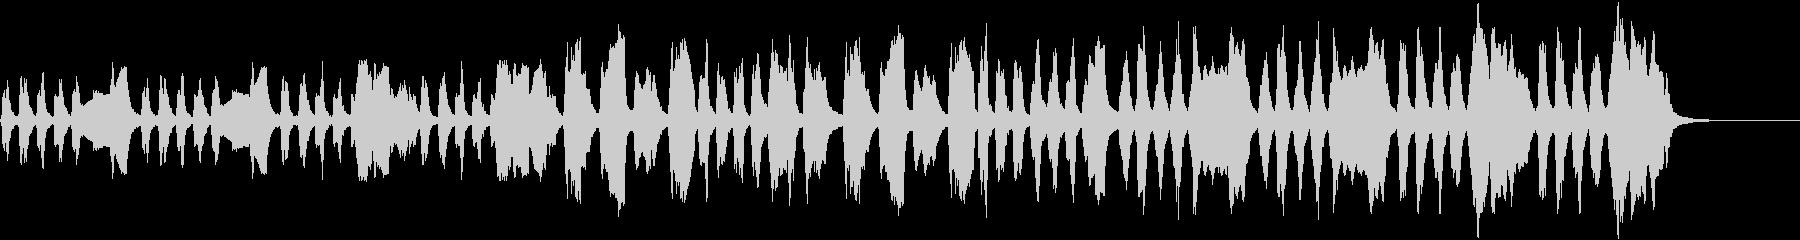 ほのぼのクラシック管楽器の未再生の波形